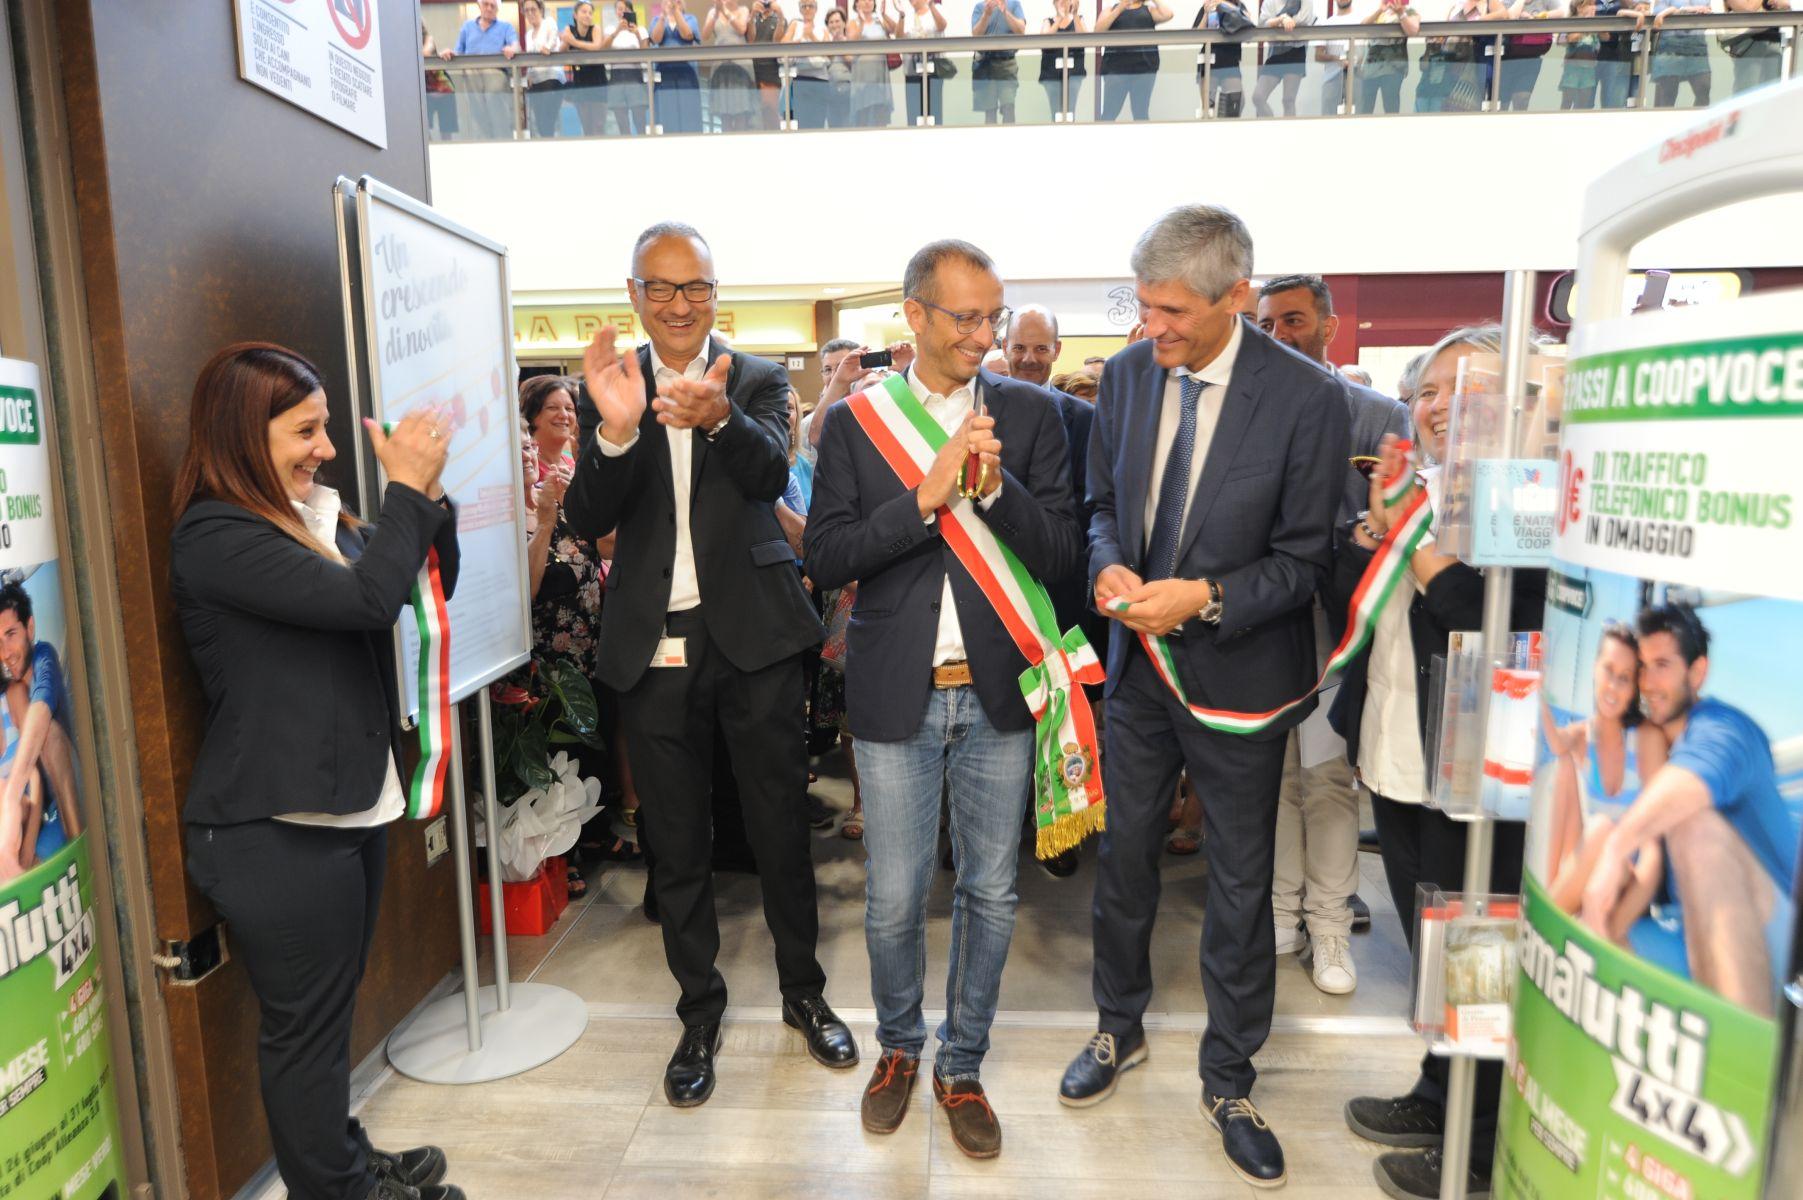 Coop Alleanza 3 0 Ha Inaugurato A Pesaro L Iper Miralfiore Rinnovato